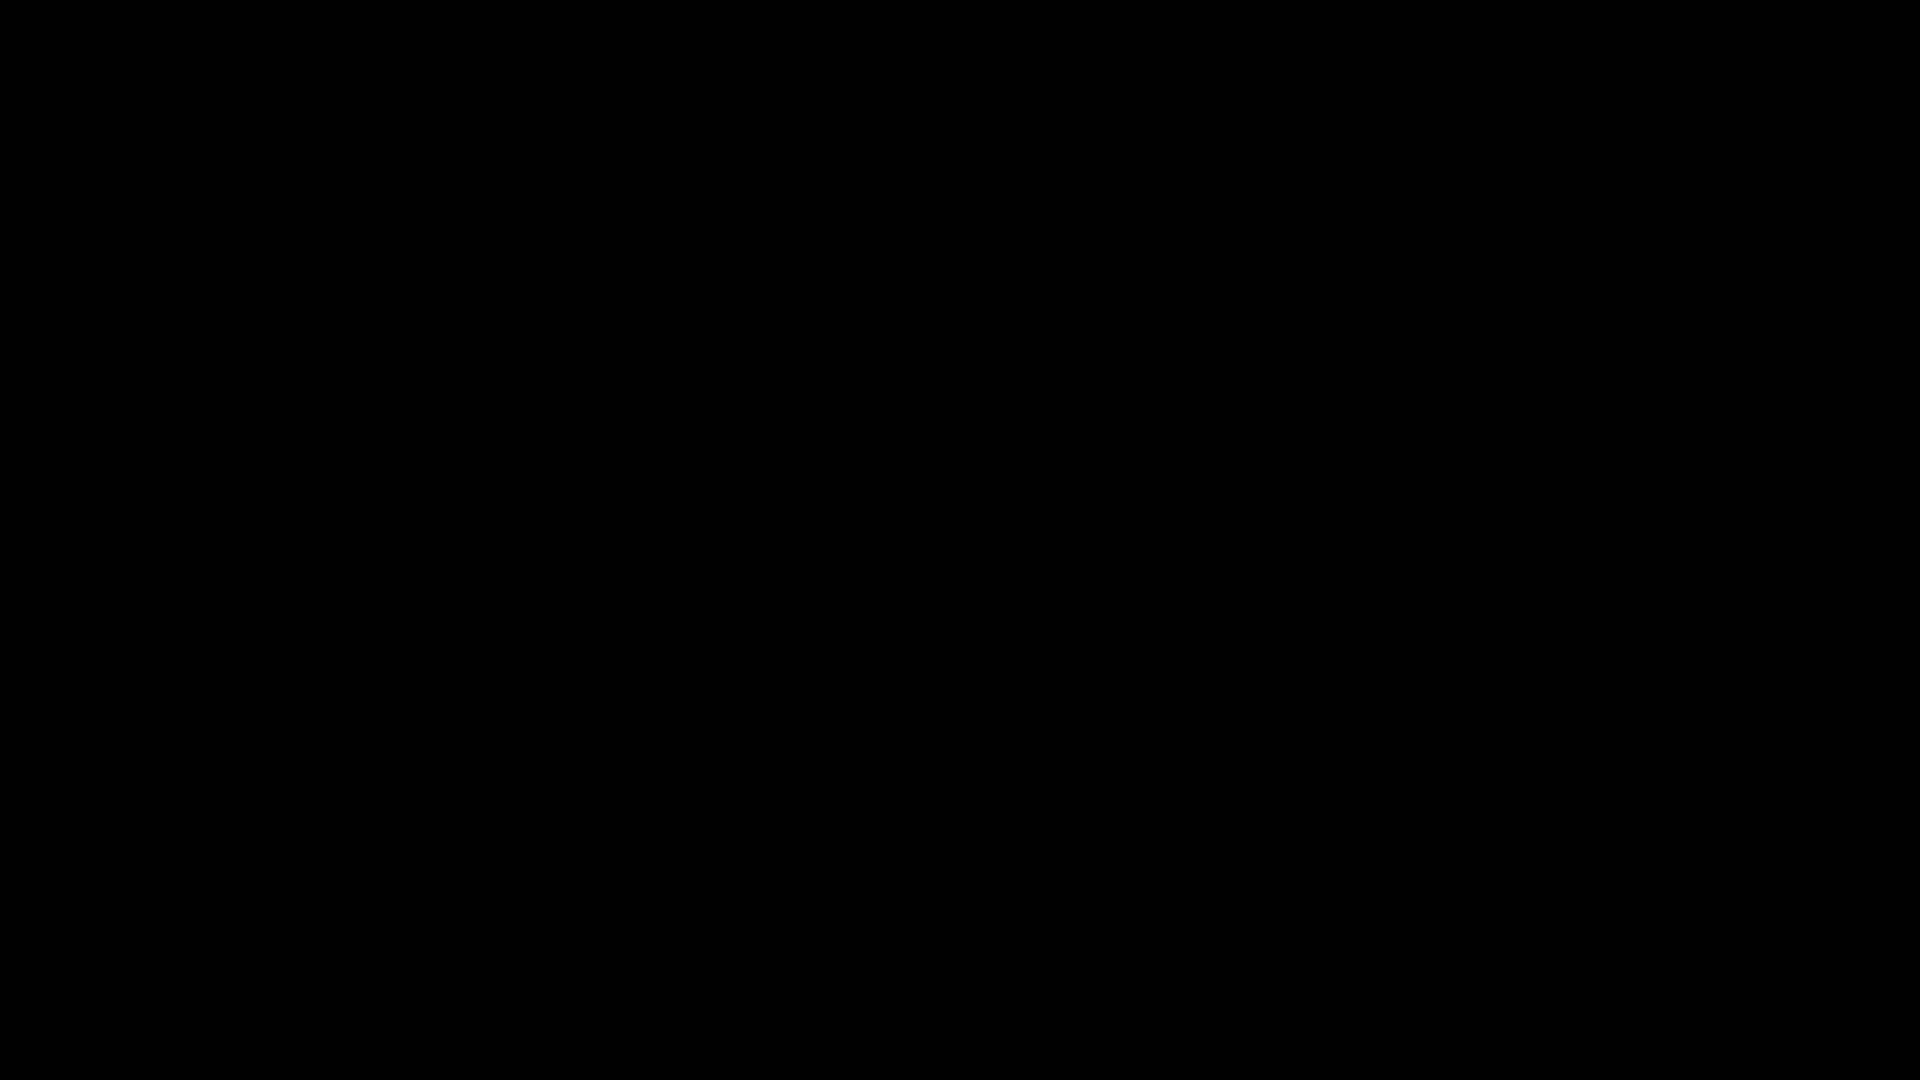 清さんの傑作動画集 Vol.09 後編 モザ無し エロビデオ紹介 76枚 21